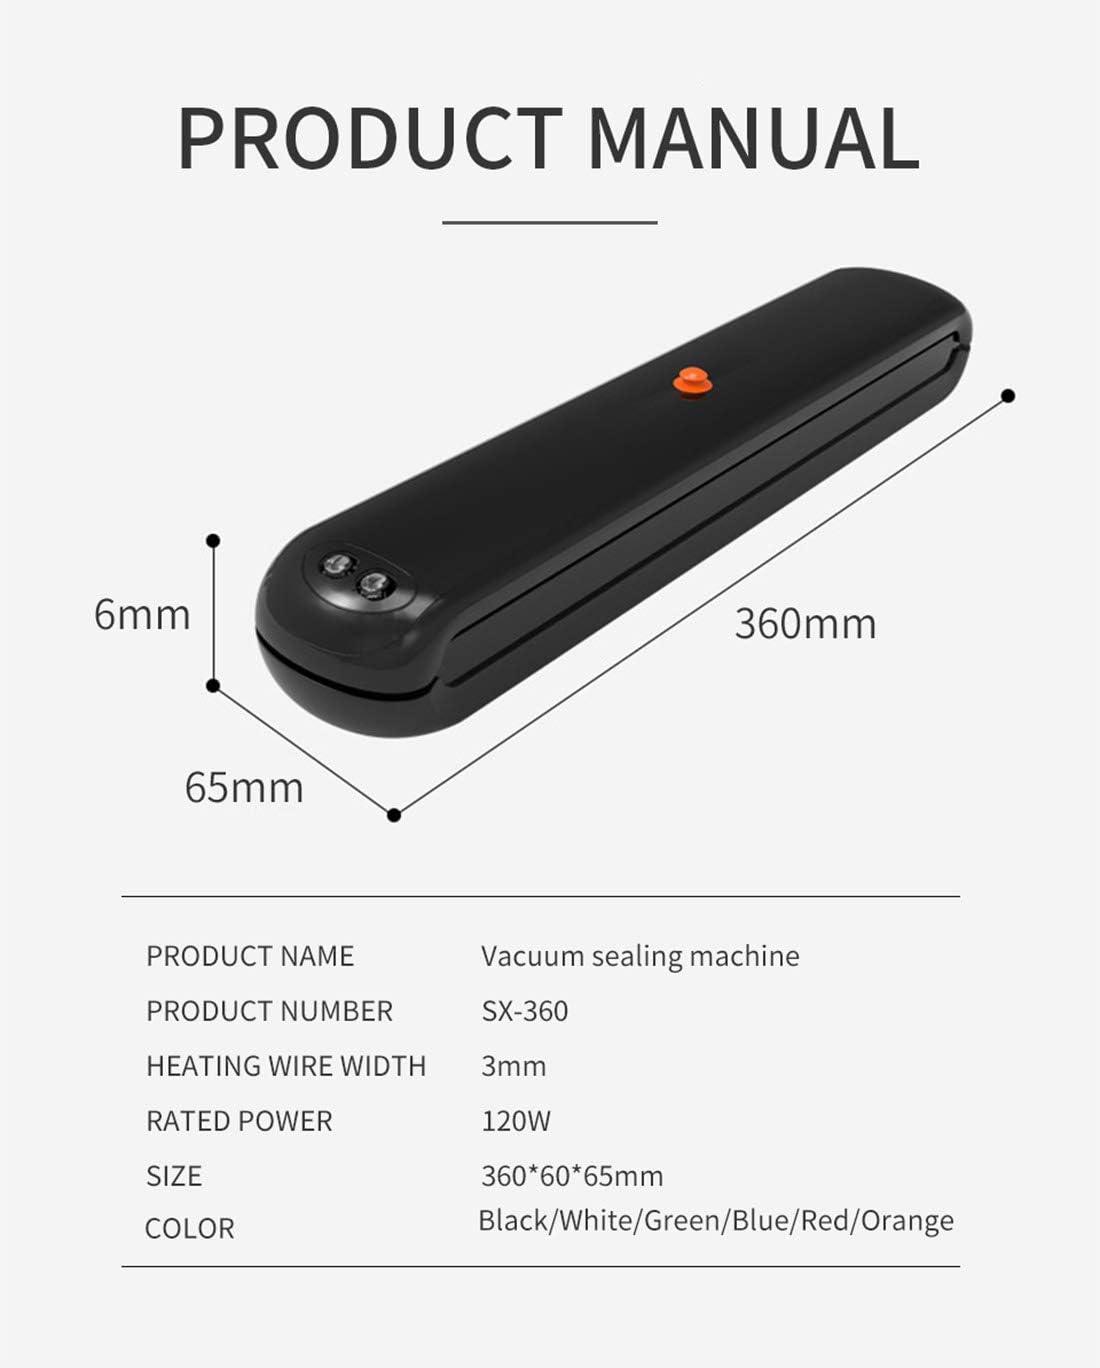 Vacuümverpakkingsmachine Voor Voedsel Met 10 Stuks Zakken Gratis +1 Rol (17 * 500Cm) Vacuüm Sluitmachine Voor Vacuümverpakkingsmachine,Orange Red